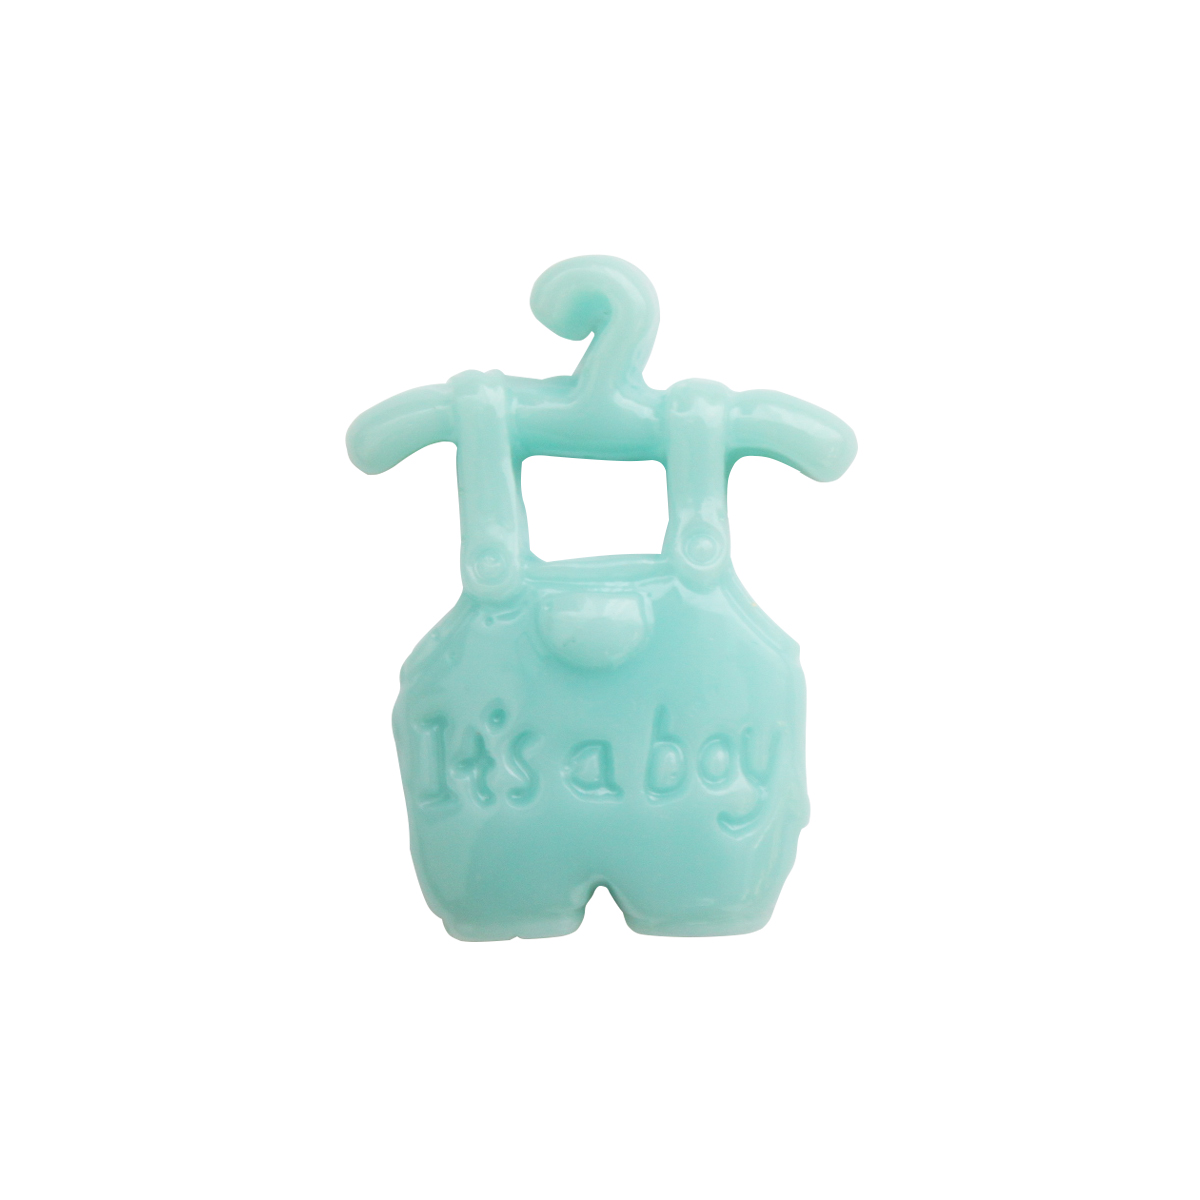 Декоративный элемент Lan Jing Ling Штанишки, цвет: голубой, 6 шт580798_ голубойМиниатюрные декоративные элементы, выполненные из пластика. Используются при создании авторских фотоальбомов, открыток и так далее. В упаковке 6 шт.